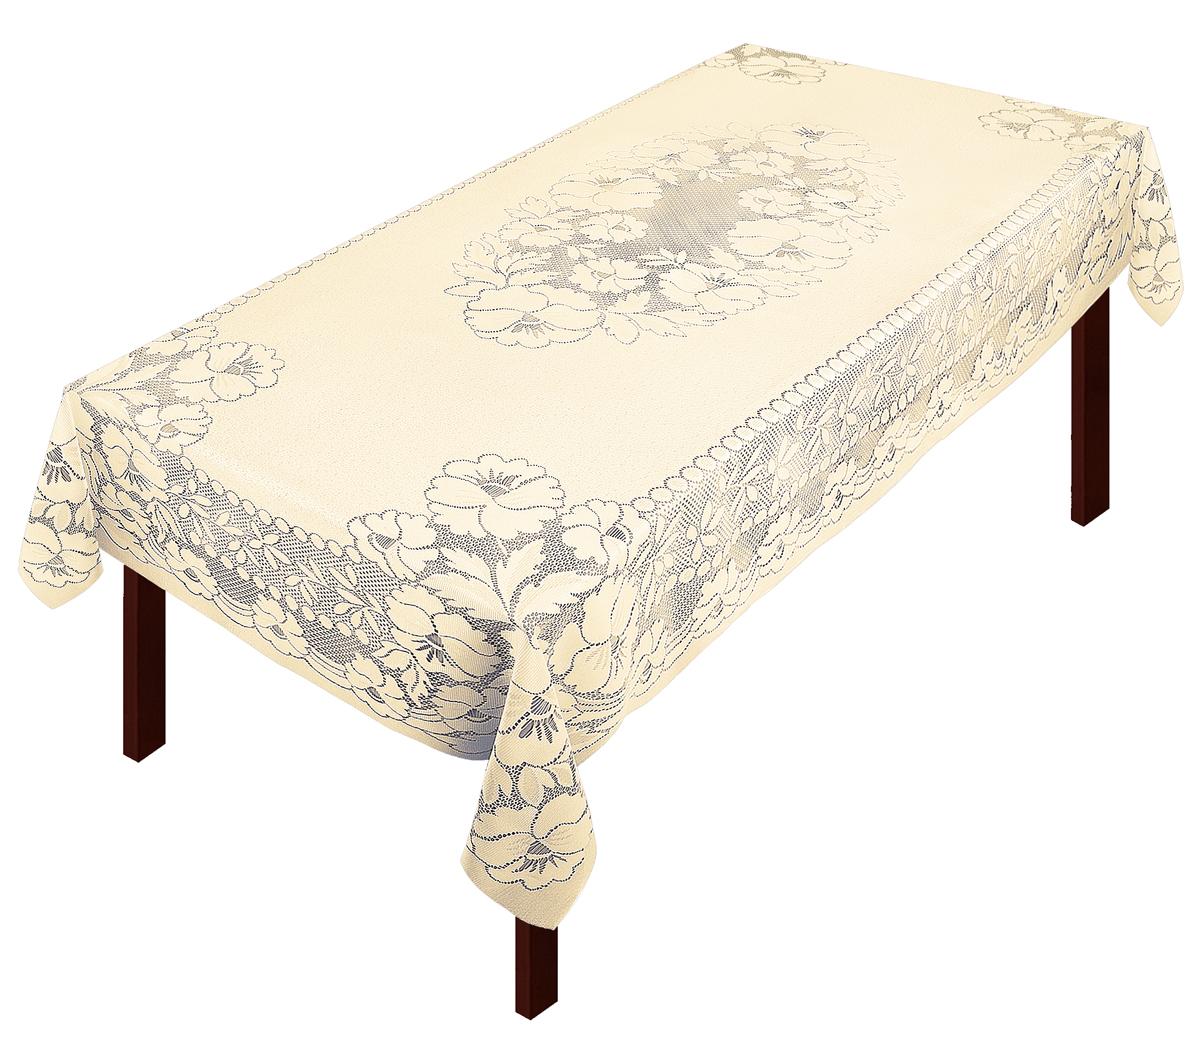 Скатерть выполнена из полиэстера жаккардового переплетения, не скользит со стола, легко стирается и прослужит Вам долгое время.